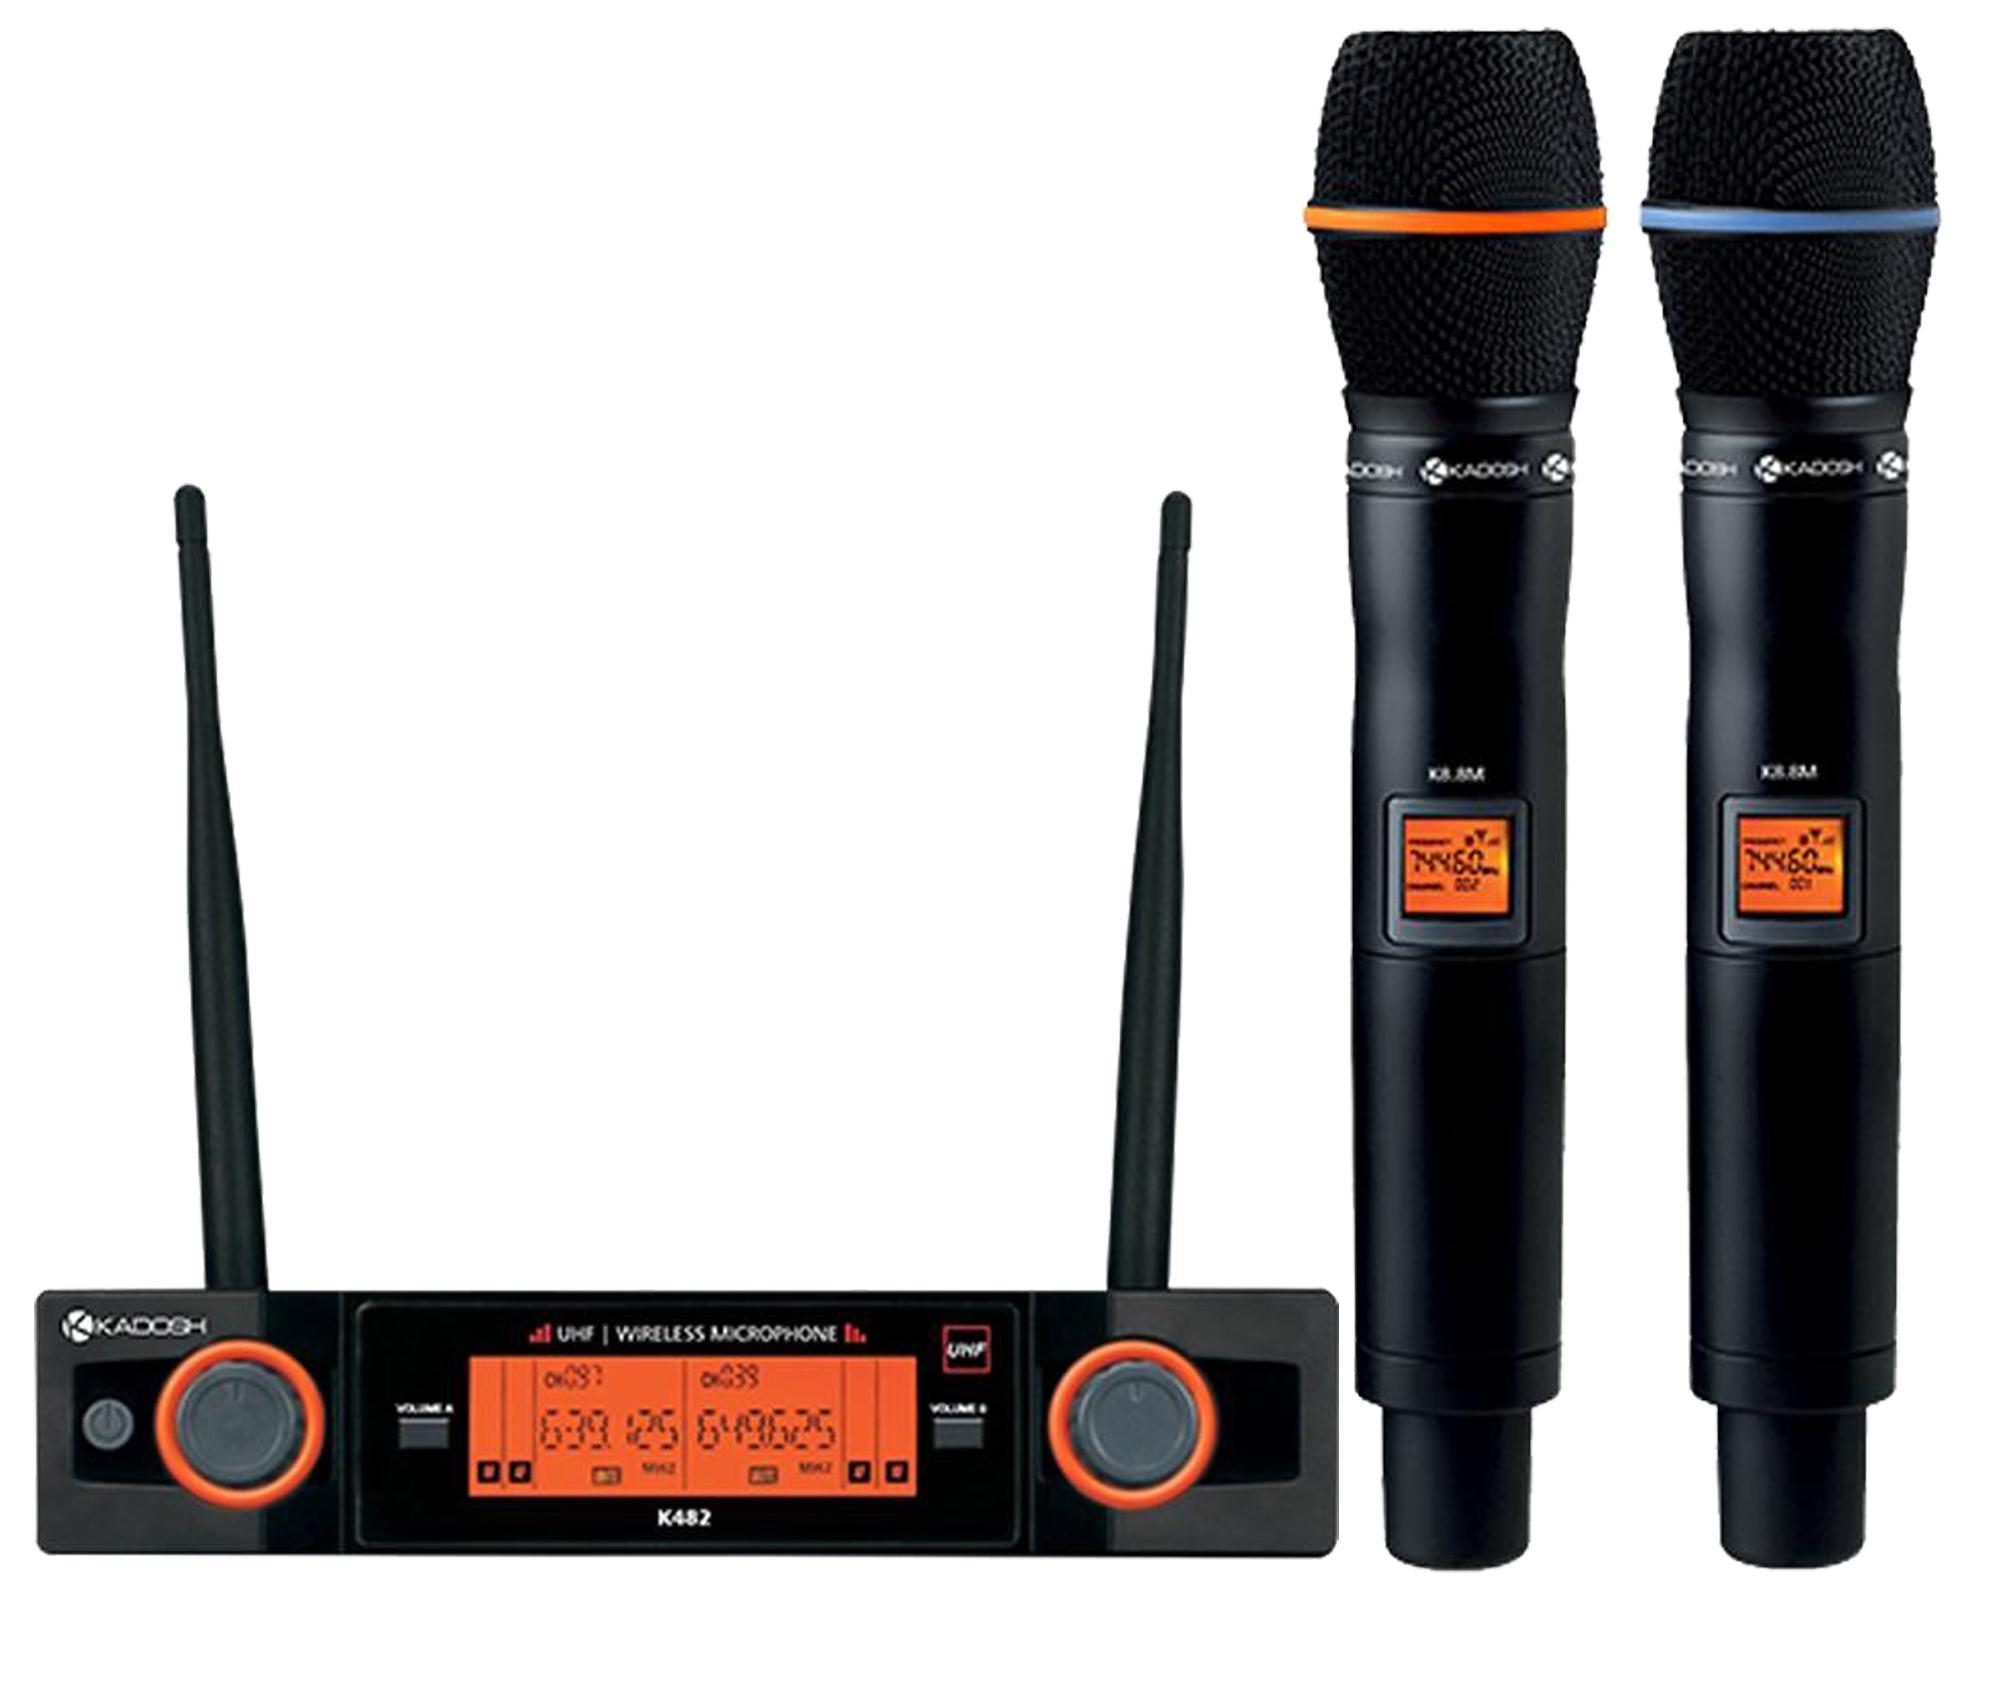 Kadosh Microfone Sem Fio Duplo K-482M (UHF/Display Digital com 50 Canais)